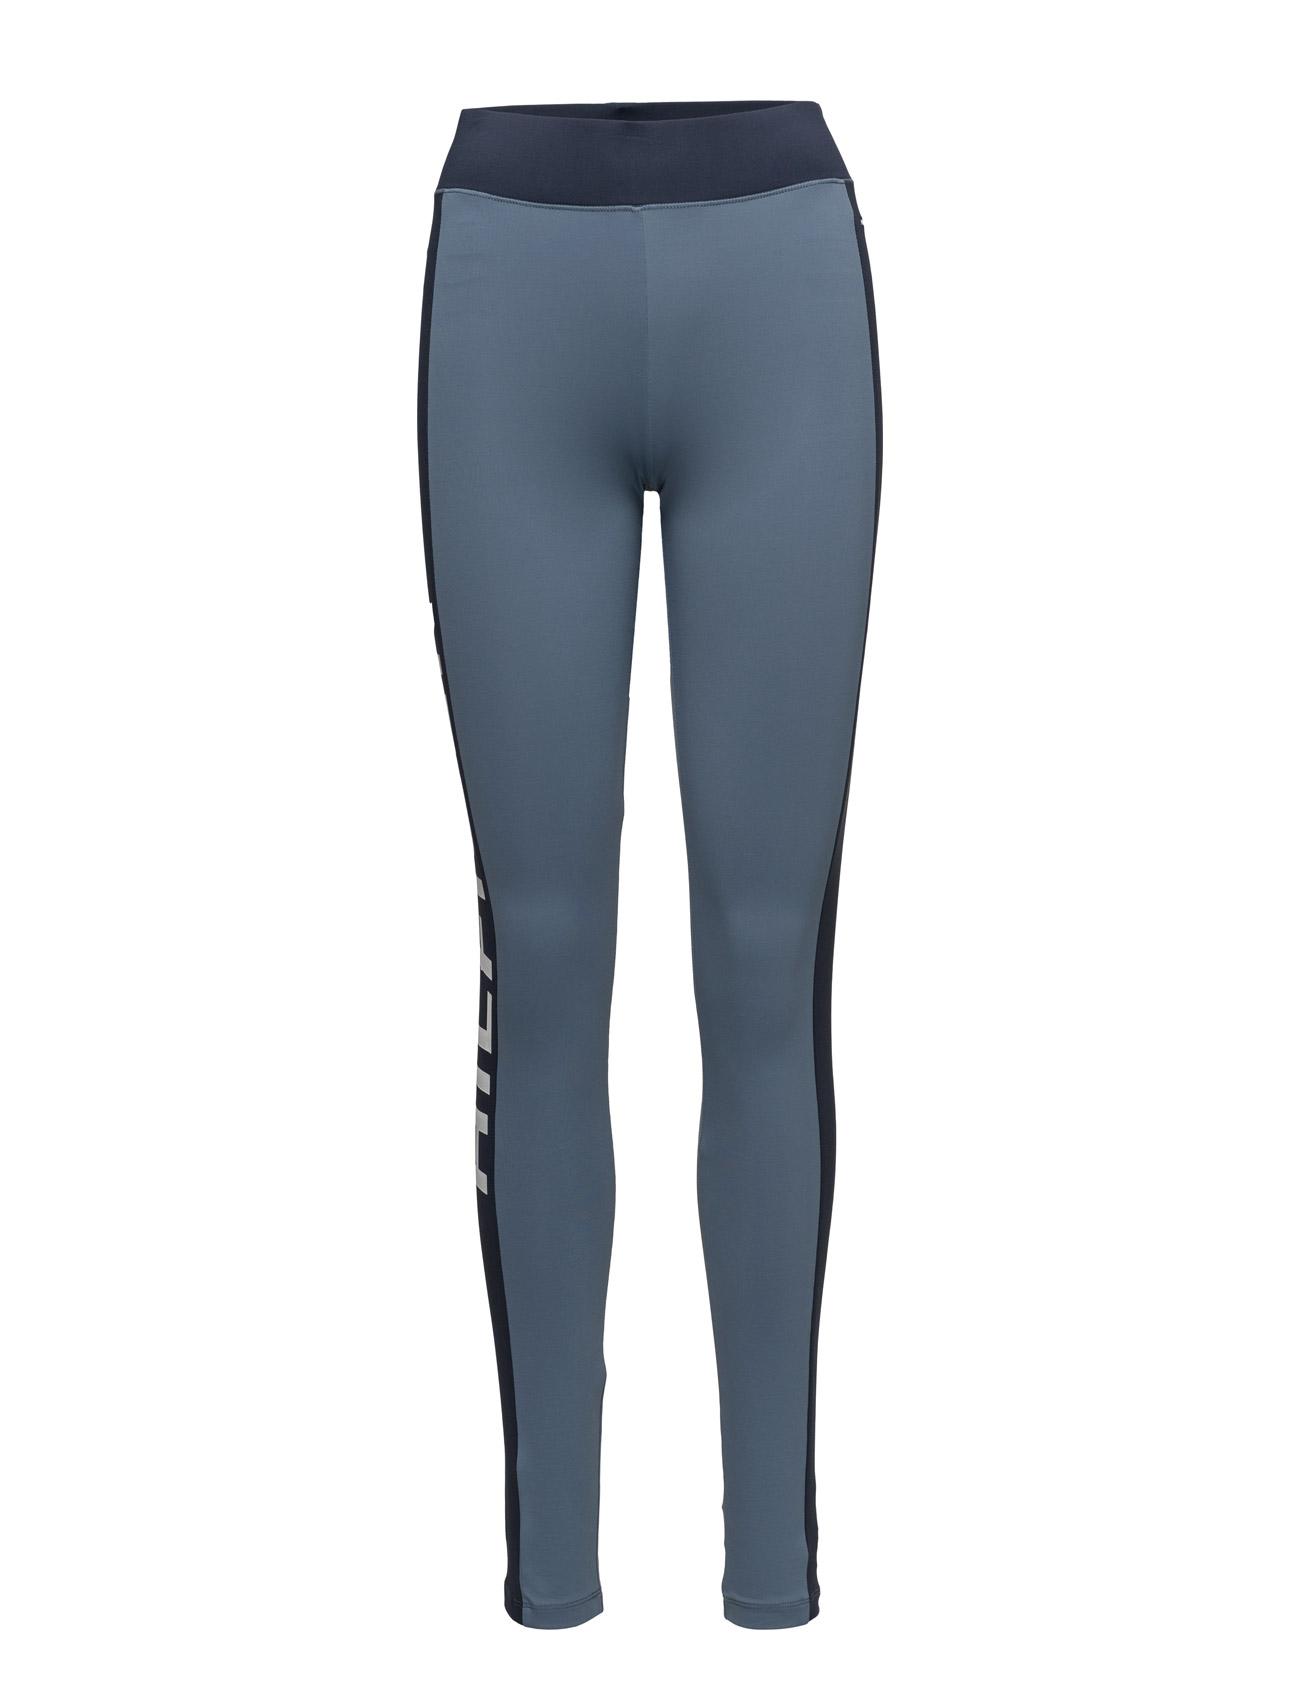 Legging Tommy Hilfiger Loungewear til Damer i Blå